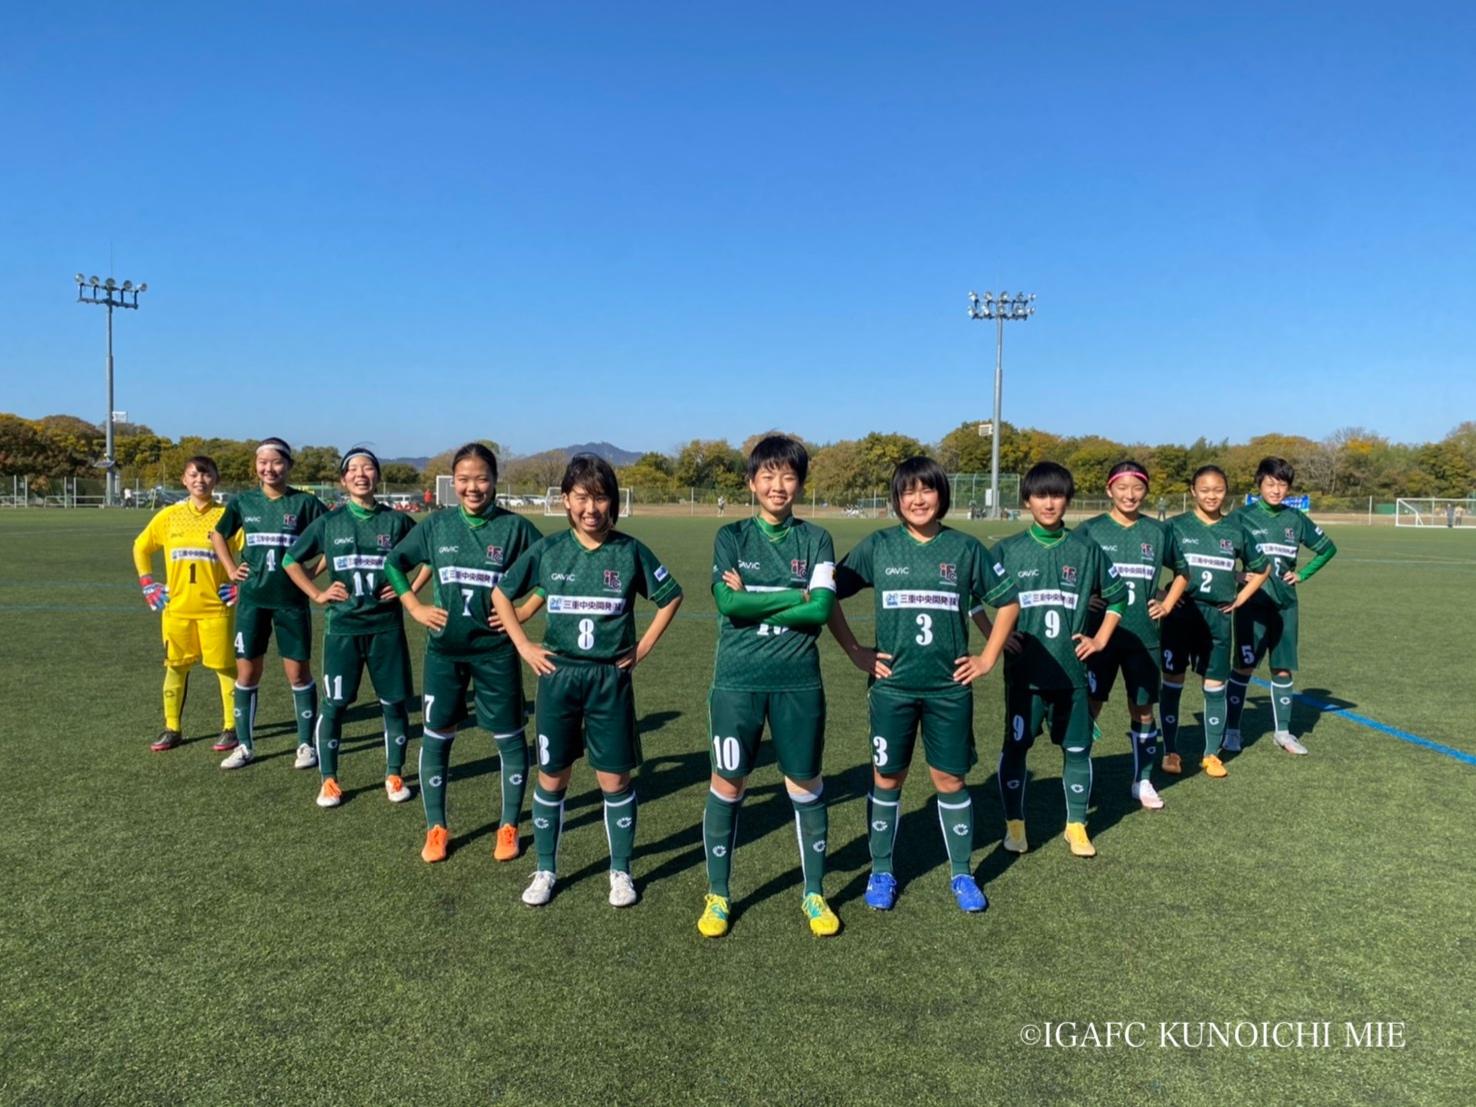 【伊賀FCくノ一三重サテライト】JFA第24回全日本U-18女子サッカー選手権大会 東海大会 試合結果